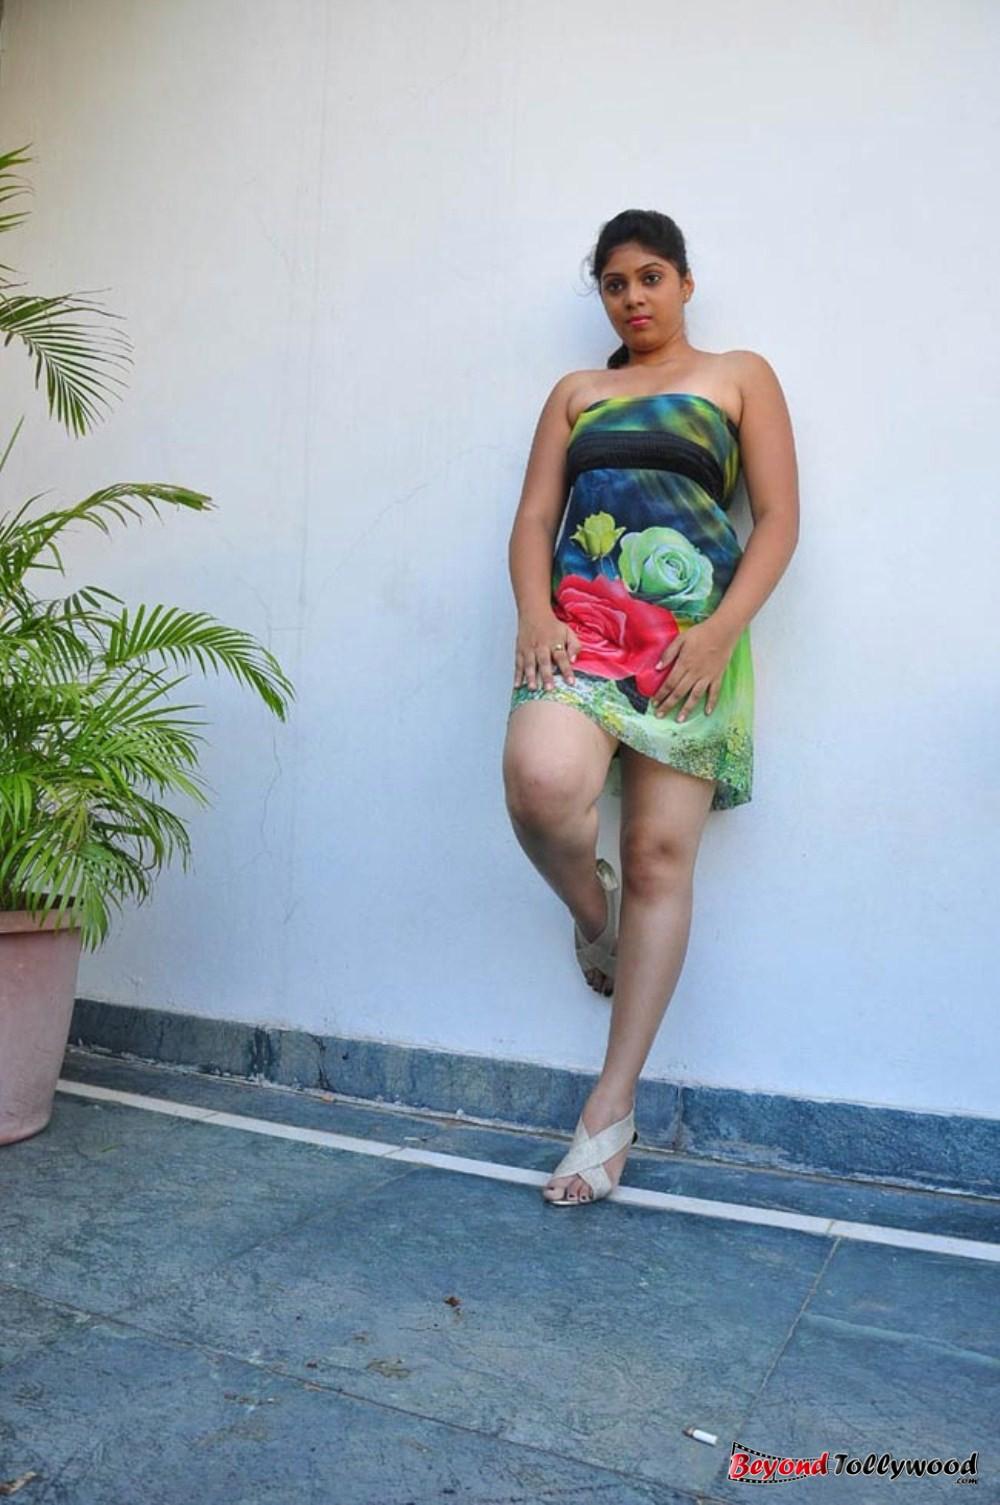 tollyimg: Haritha Hot Photo Stills  tollyimg: Harit...